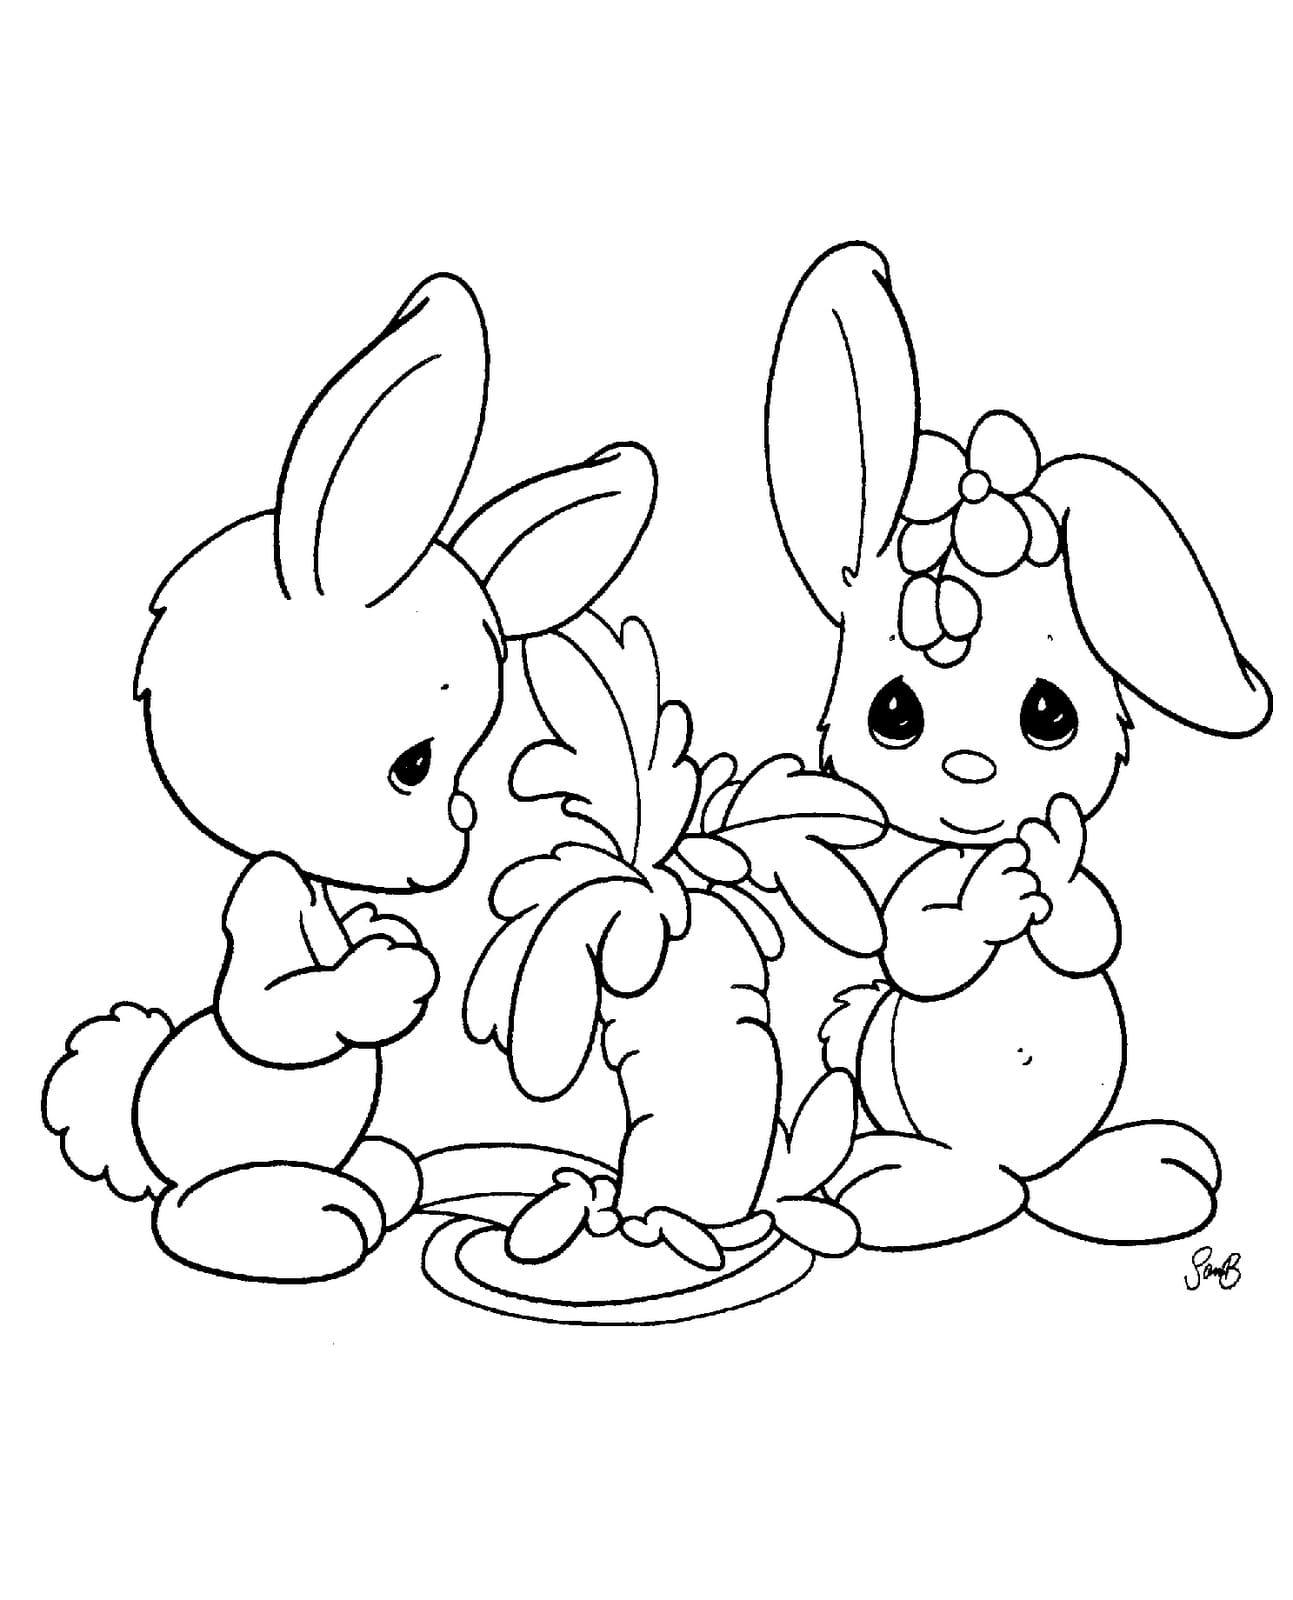 Ausmalbilder Hasen. 6 Bilder für Kinder kostenlos